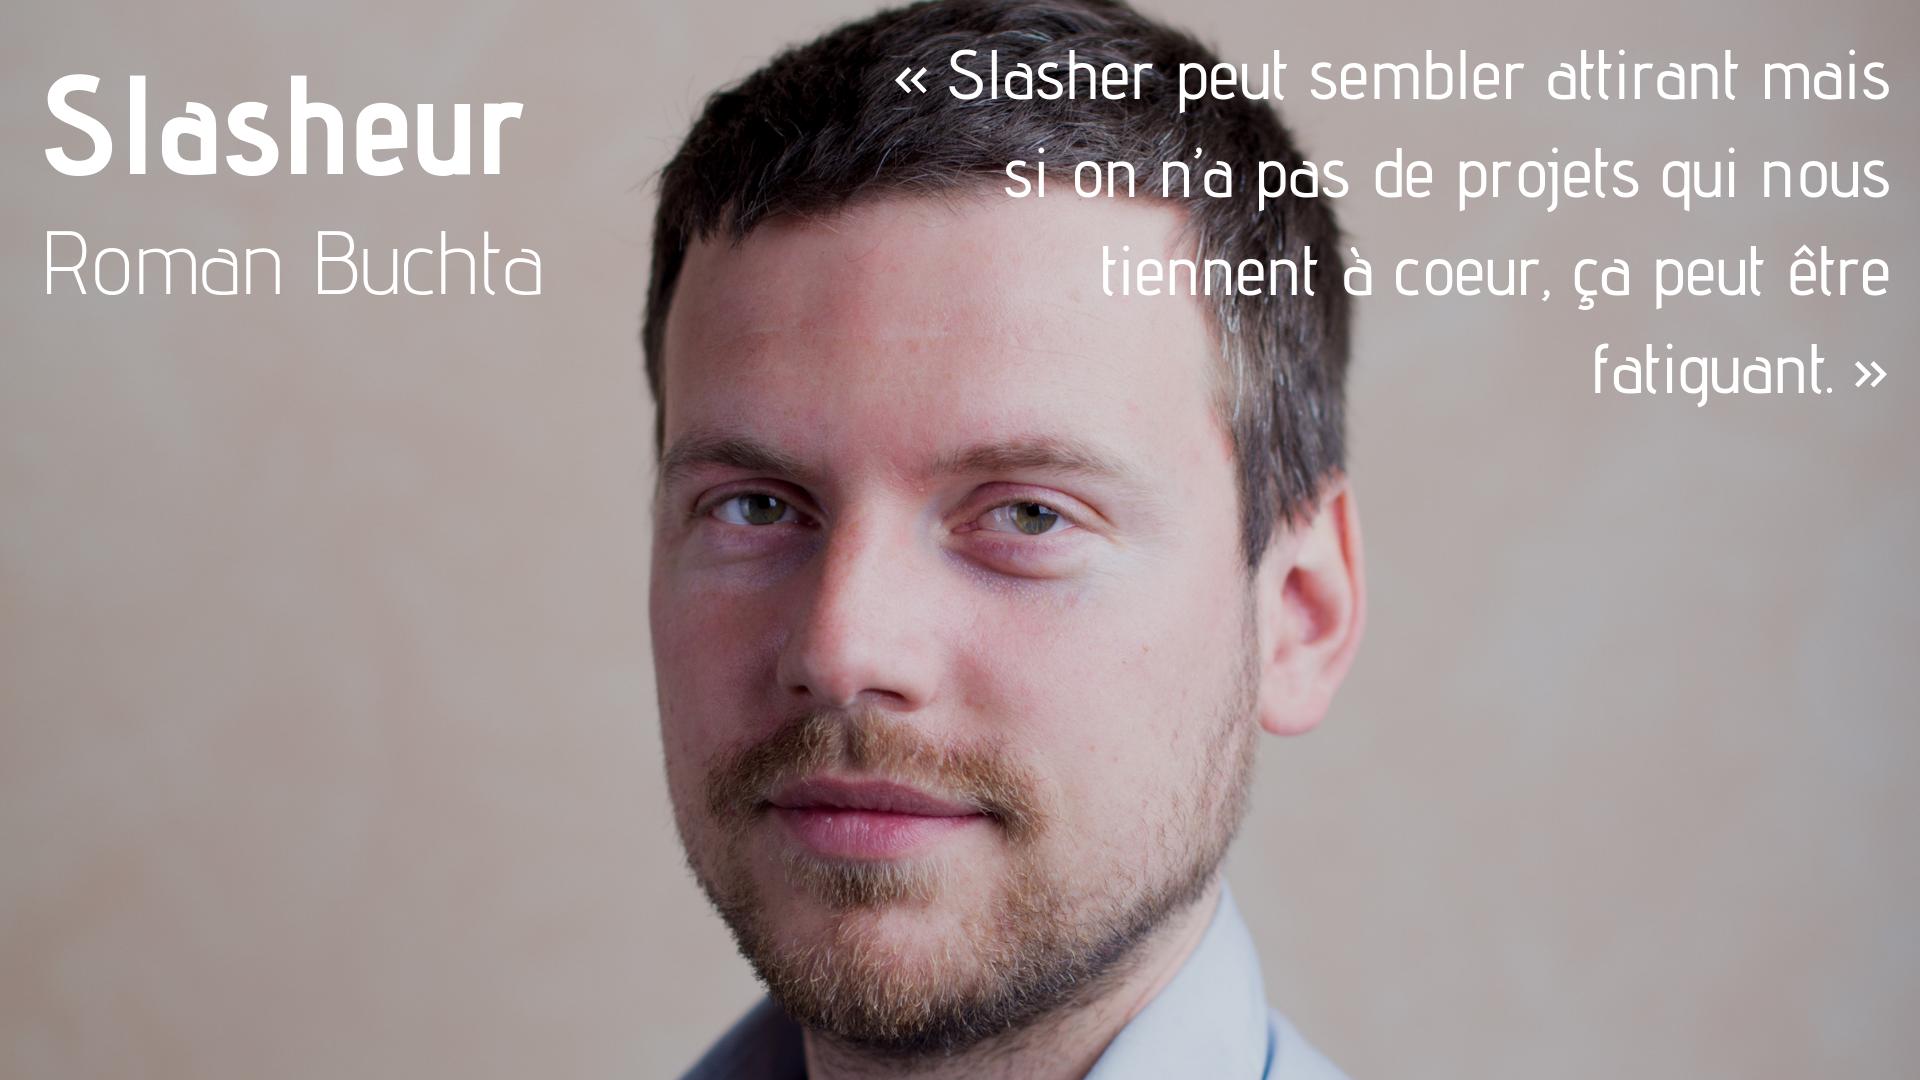 Slasheur | Roman Buchta : Formateur-Coach / Blogueur / Musicien